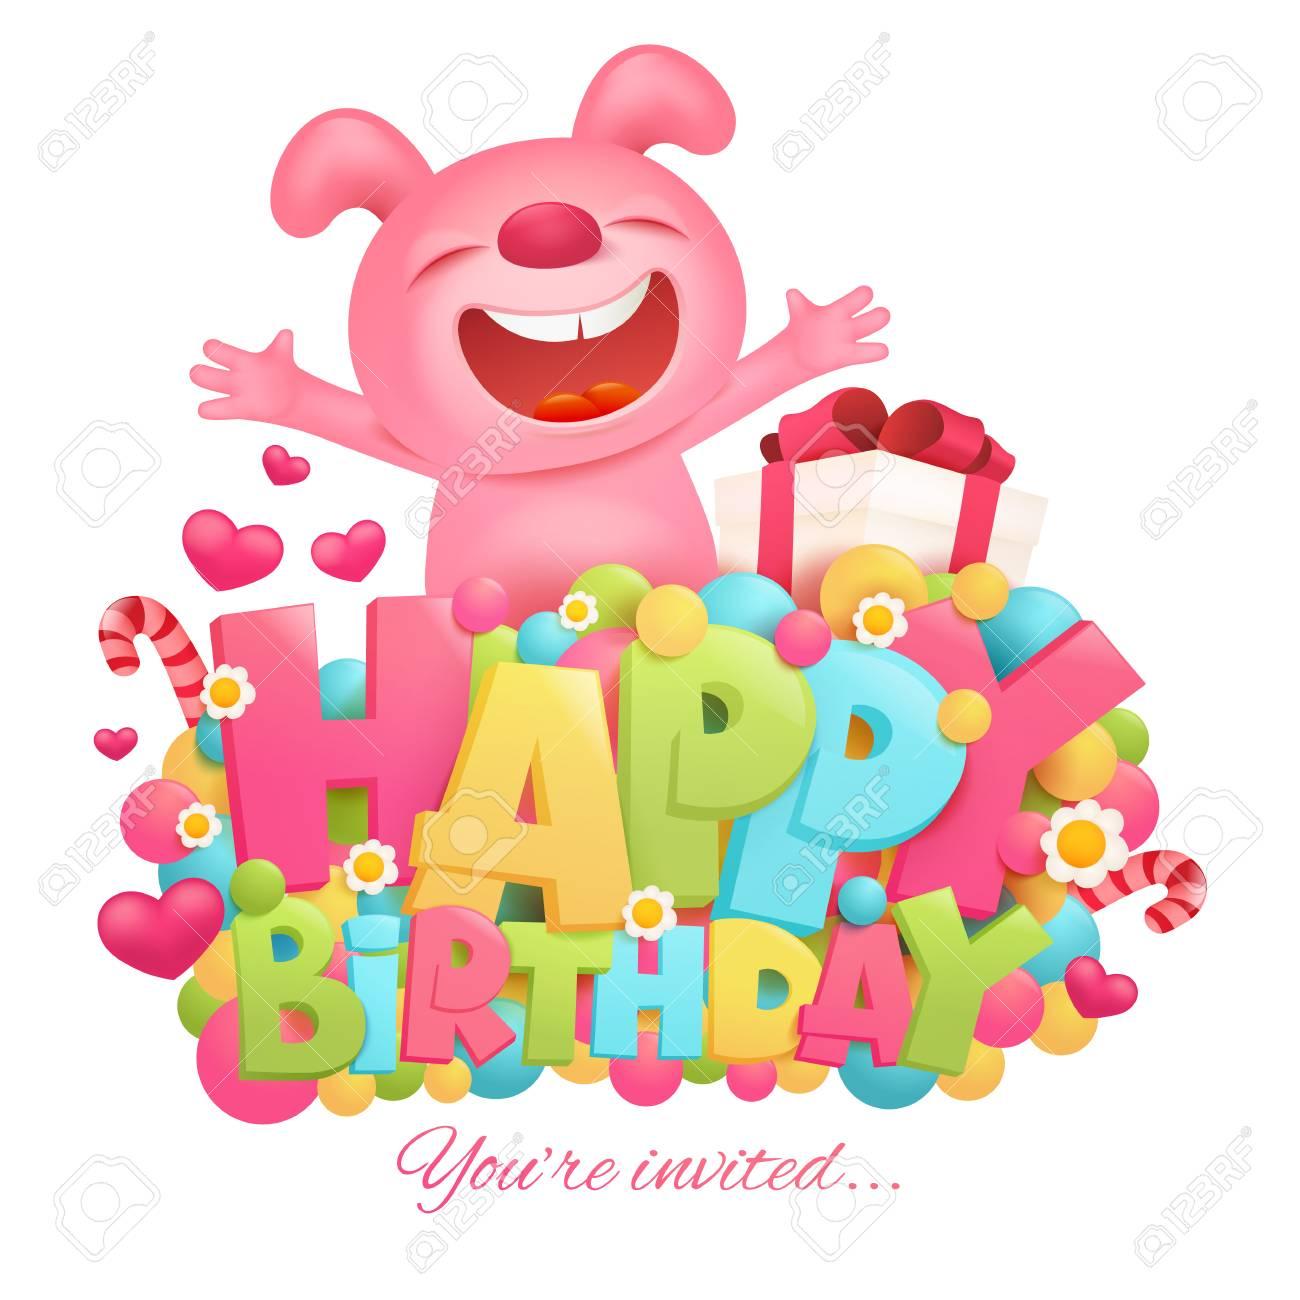 Plantilla De Tarjeta De Invitación De Feliz Cumpleaños Con Personaje De Dibujos Animados De Emoji Conejito Rosa De Juguete